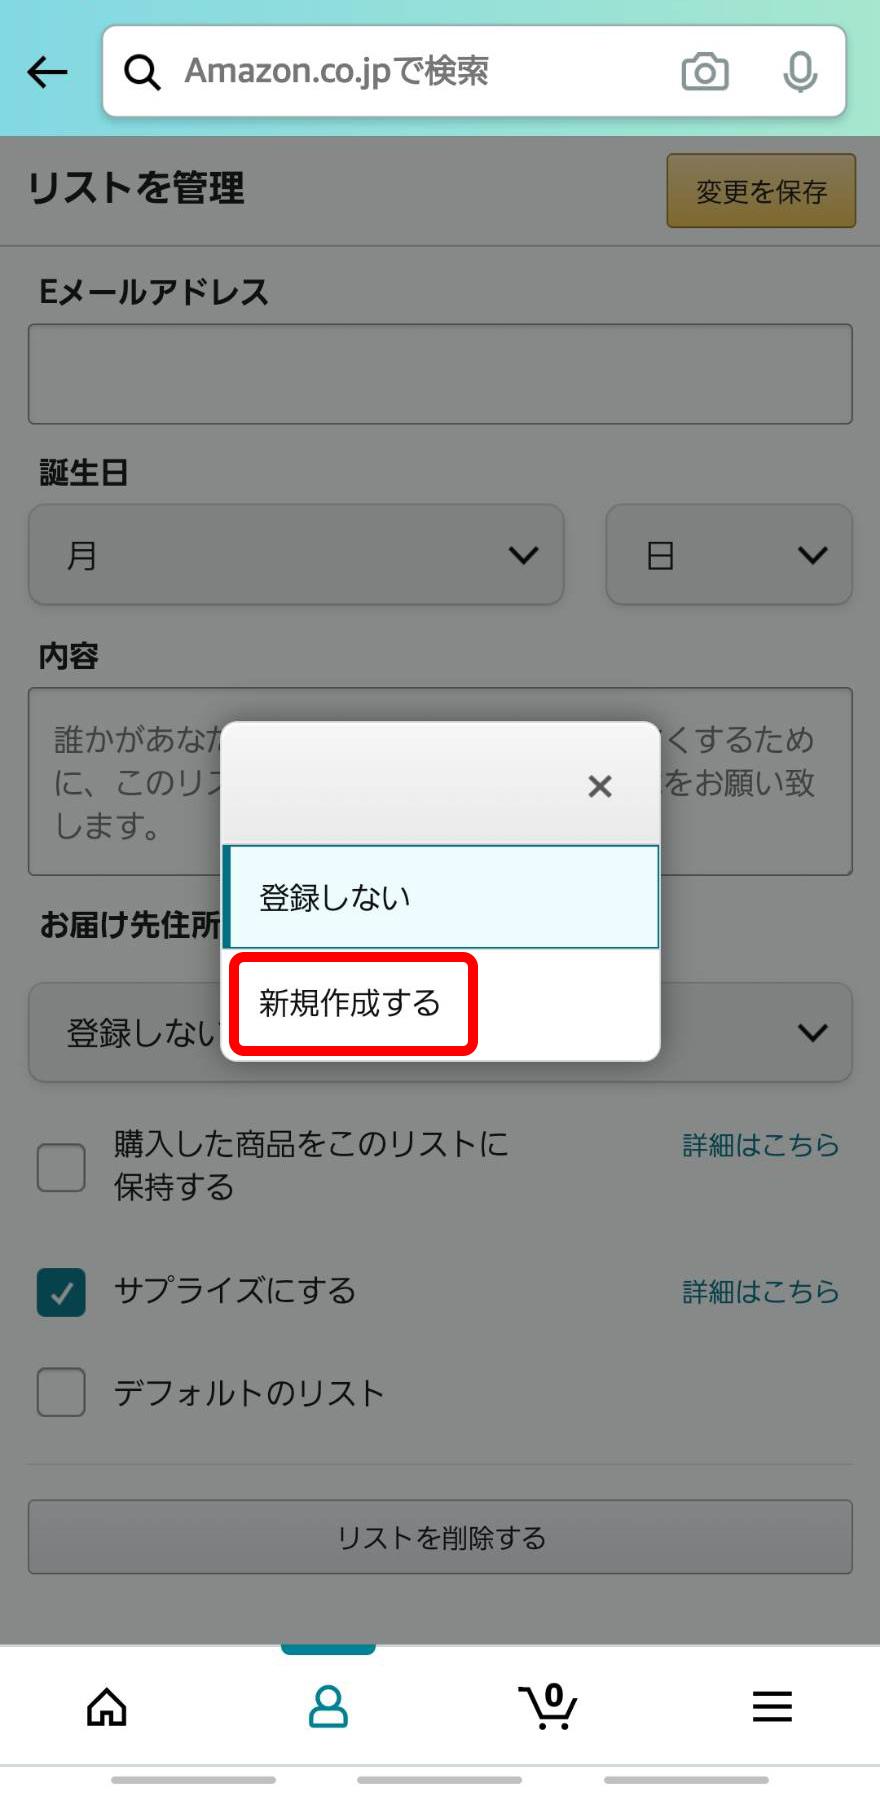 アマゾンアプリほしい物リスト作り方-9